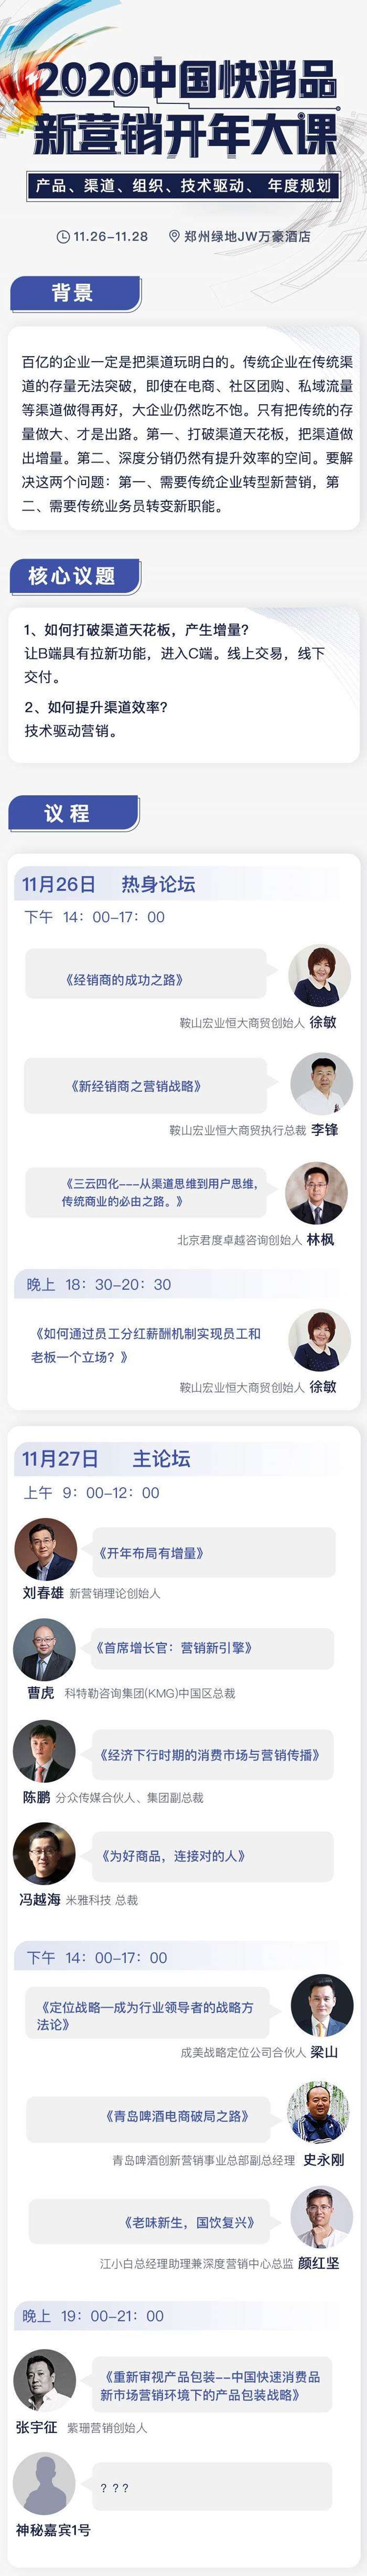 大咖集体海报-V2.jpg